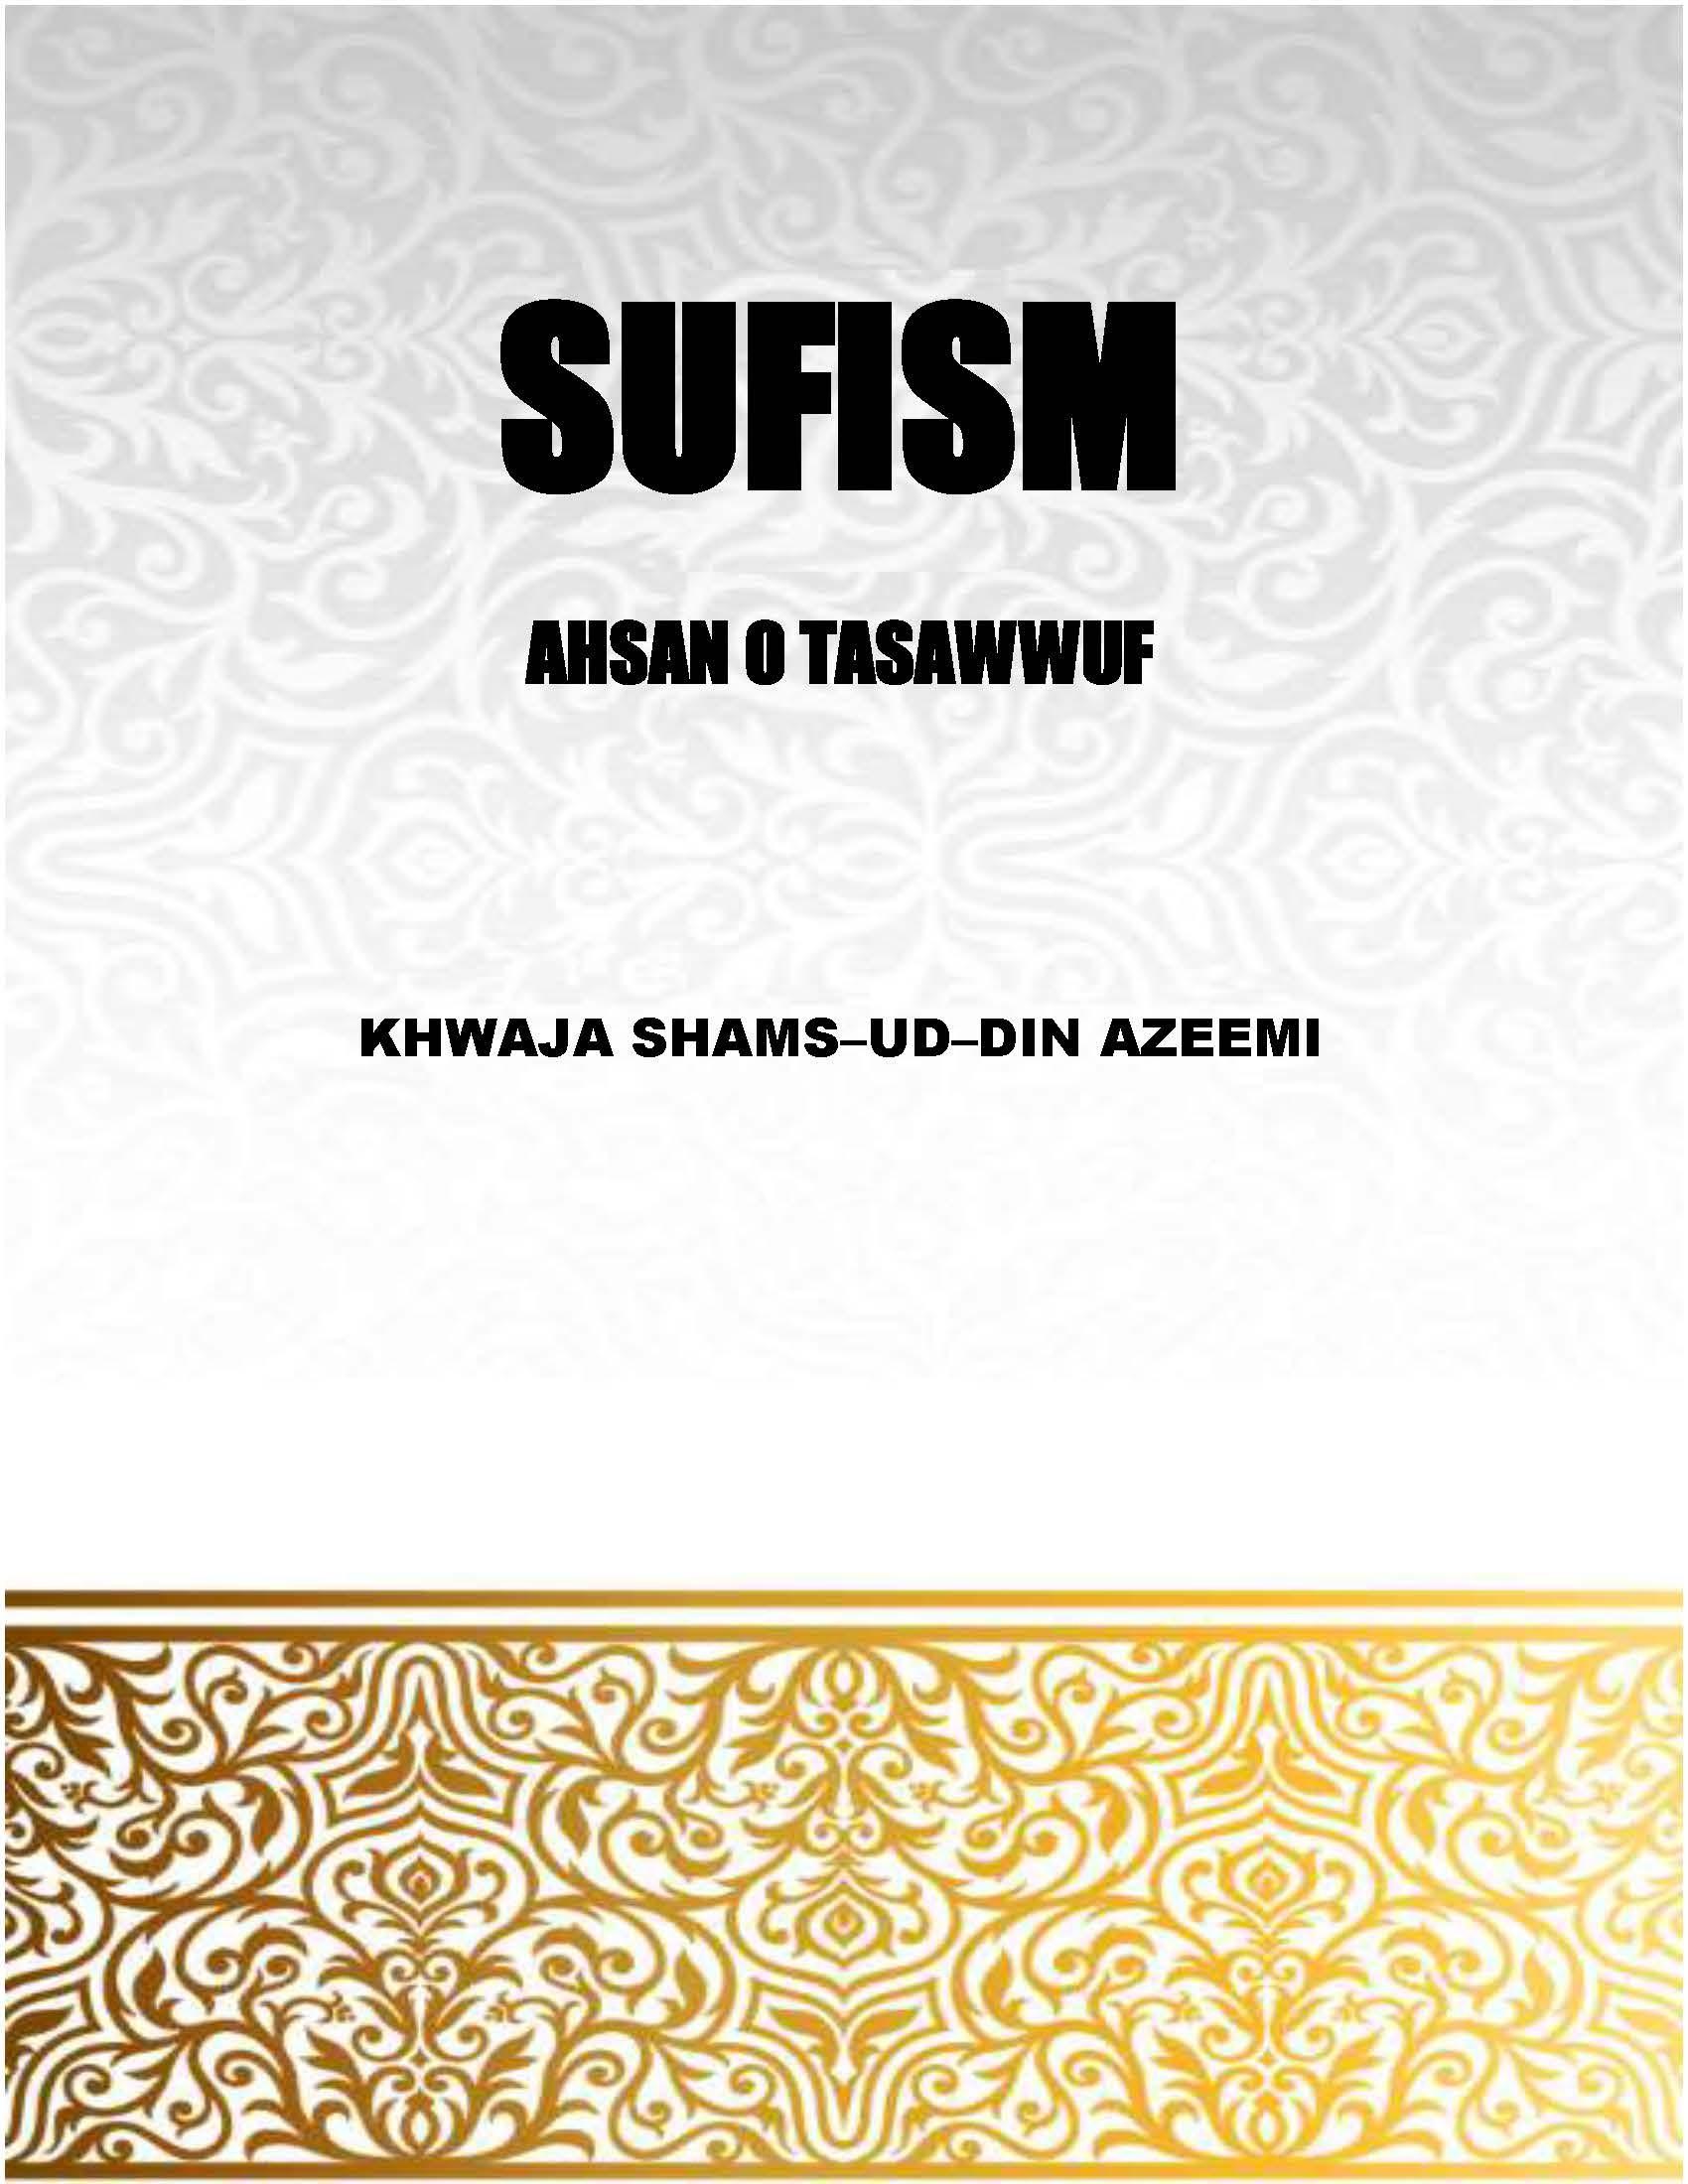 SUFISM (AHSAN-O-TASAWWUF)